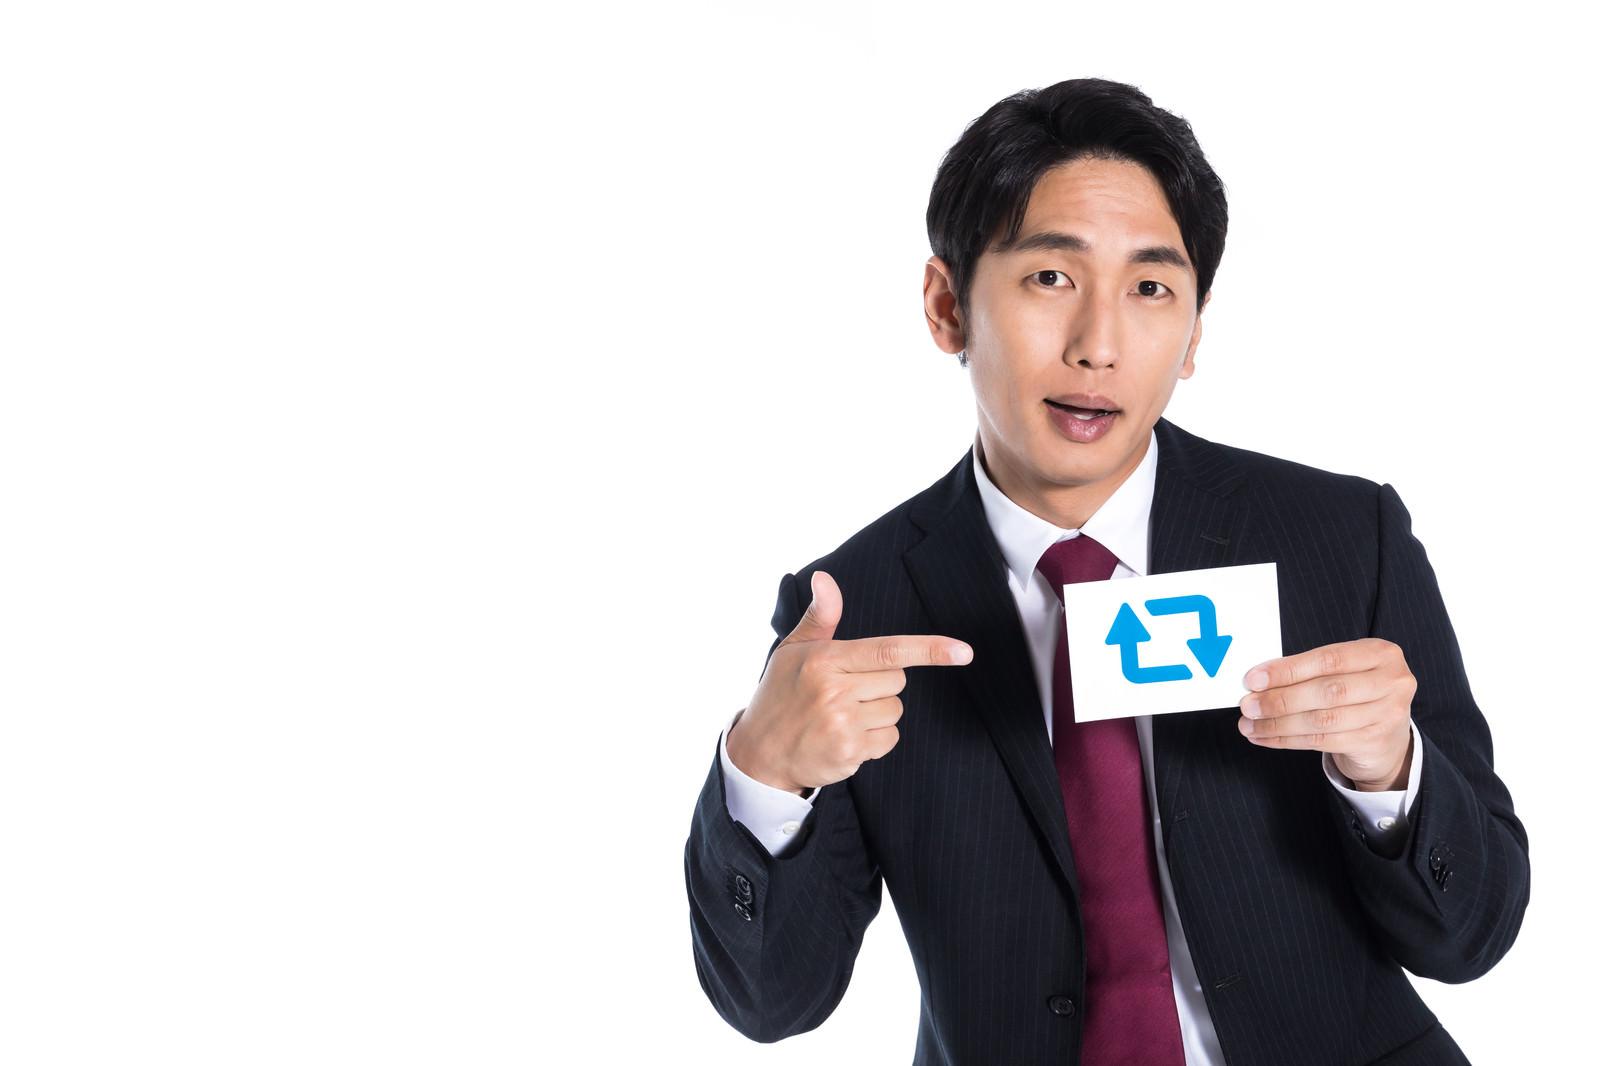 「バズを約束する広告代理店の営業マン」の写真[モデル:大川竜弥]